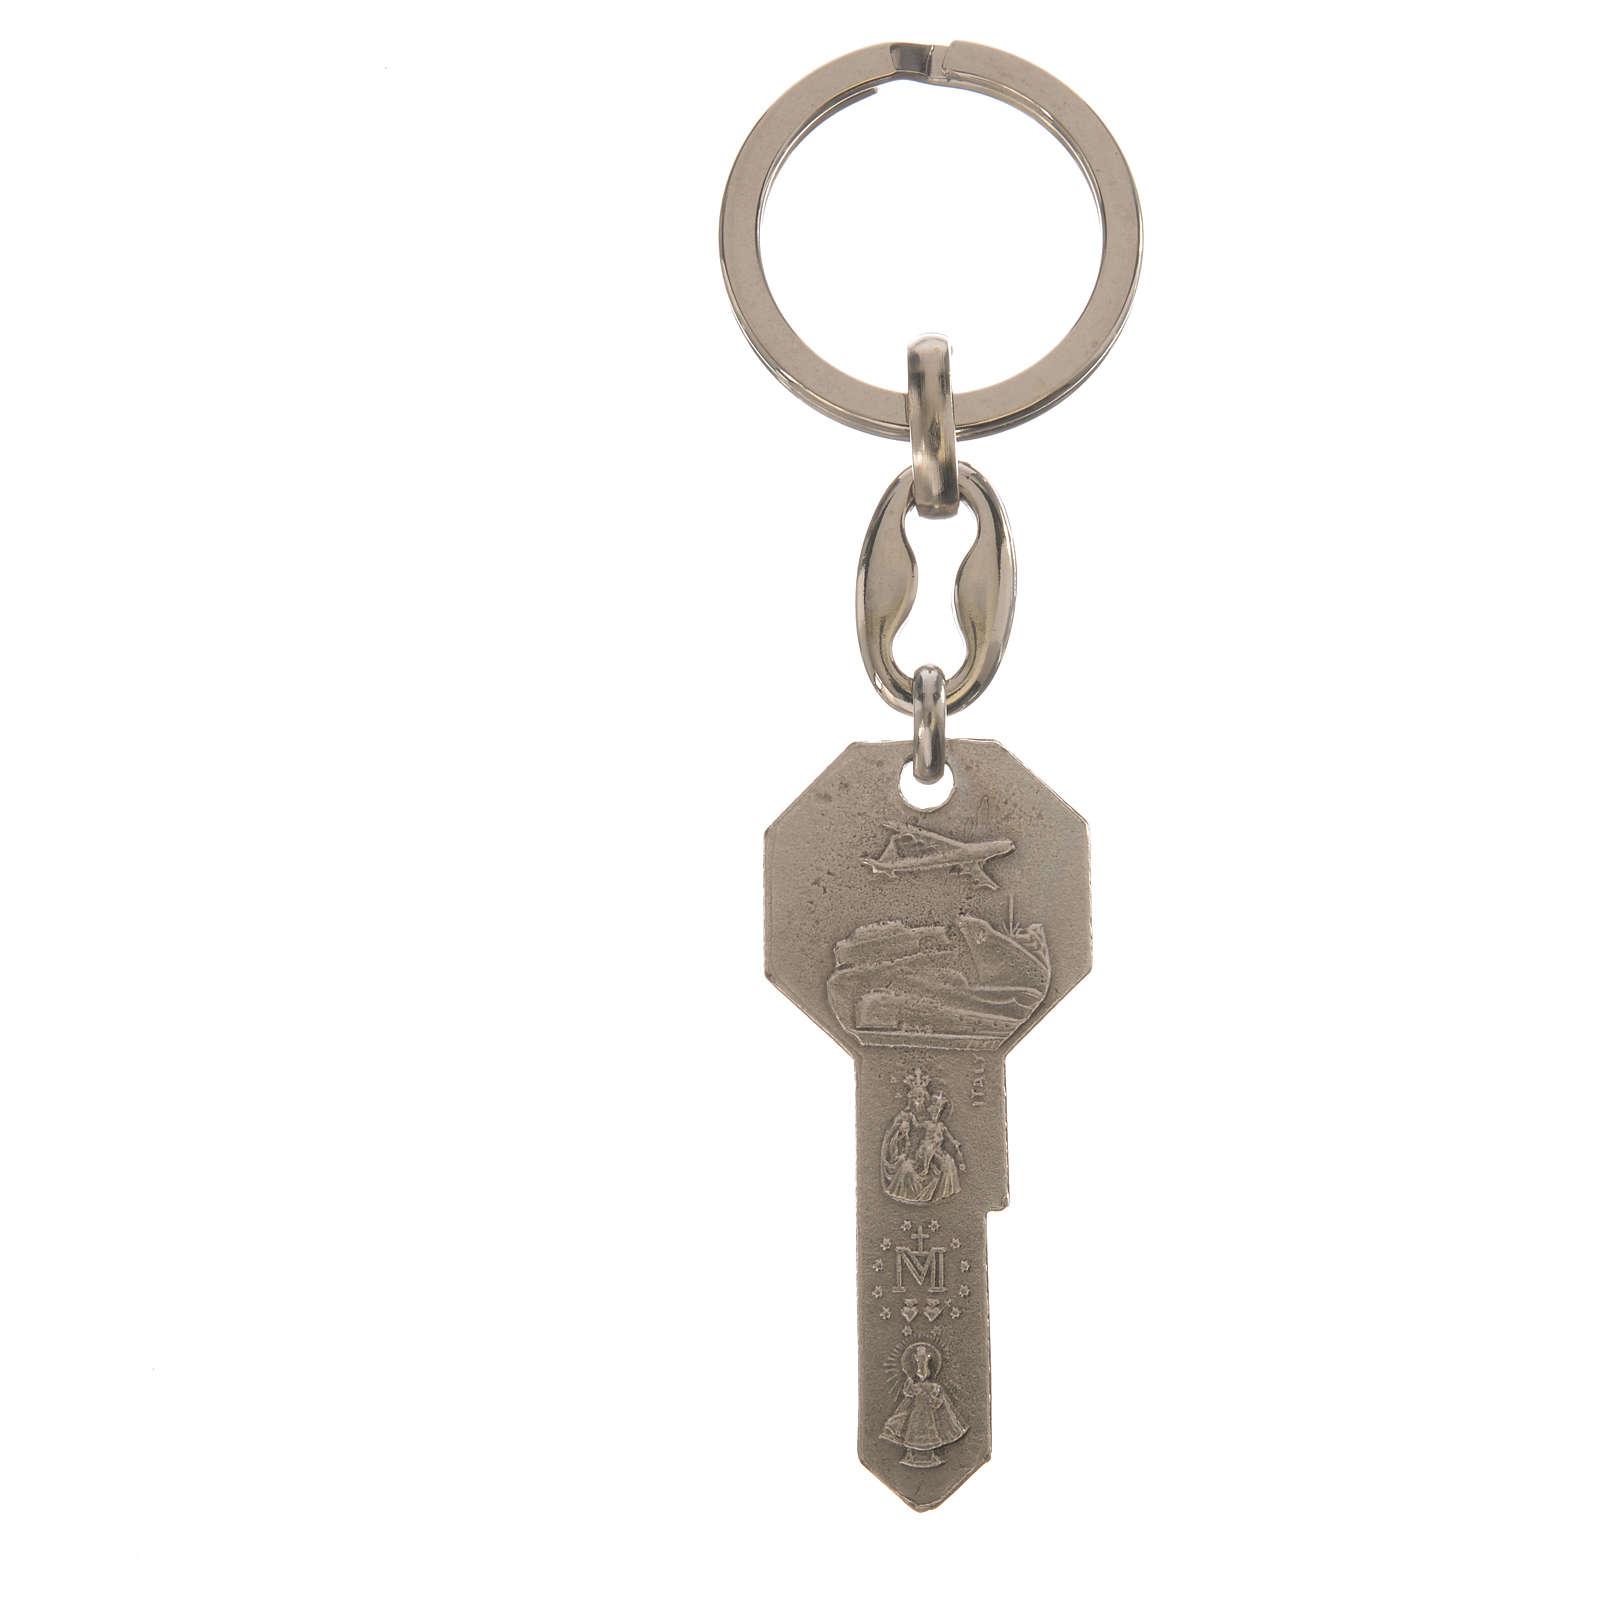 Schlüsselanhänger aus Metall in Form eines Schlüssels 3